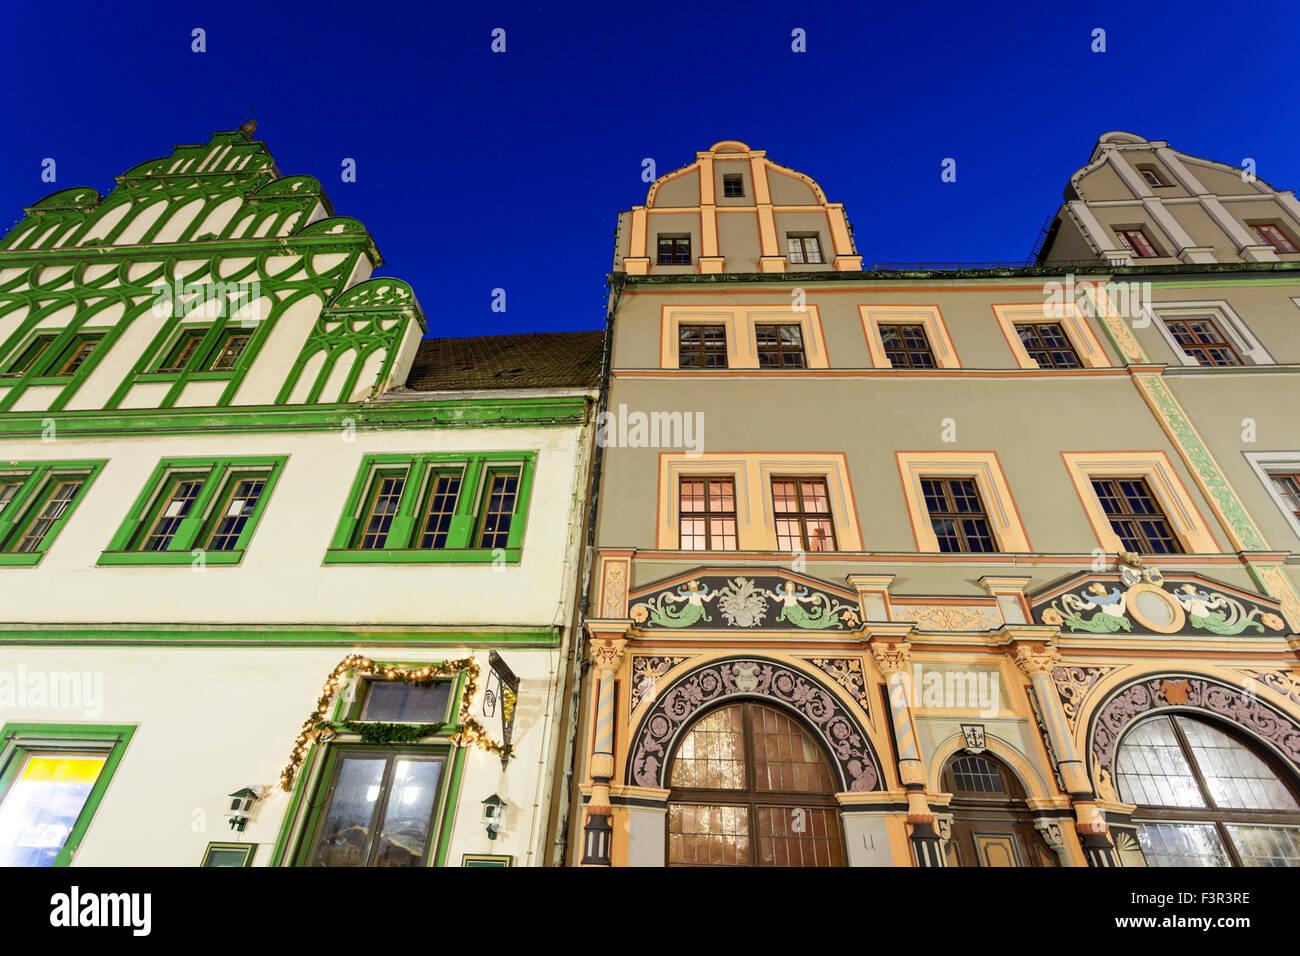 Weimar city germany stockfotos weimar city germany bilder seite 3 alamy - Architektur weimar ...